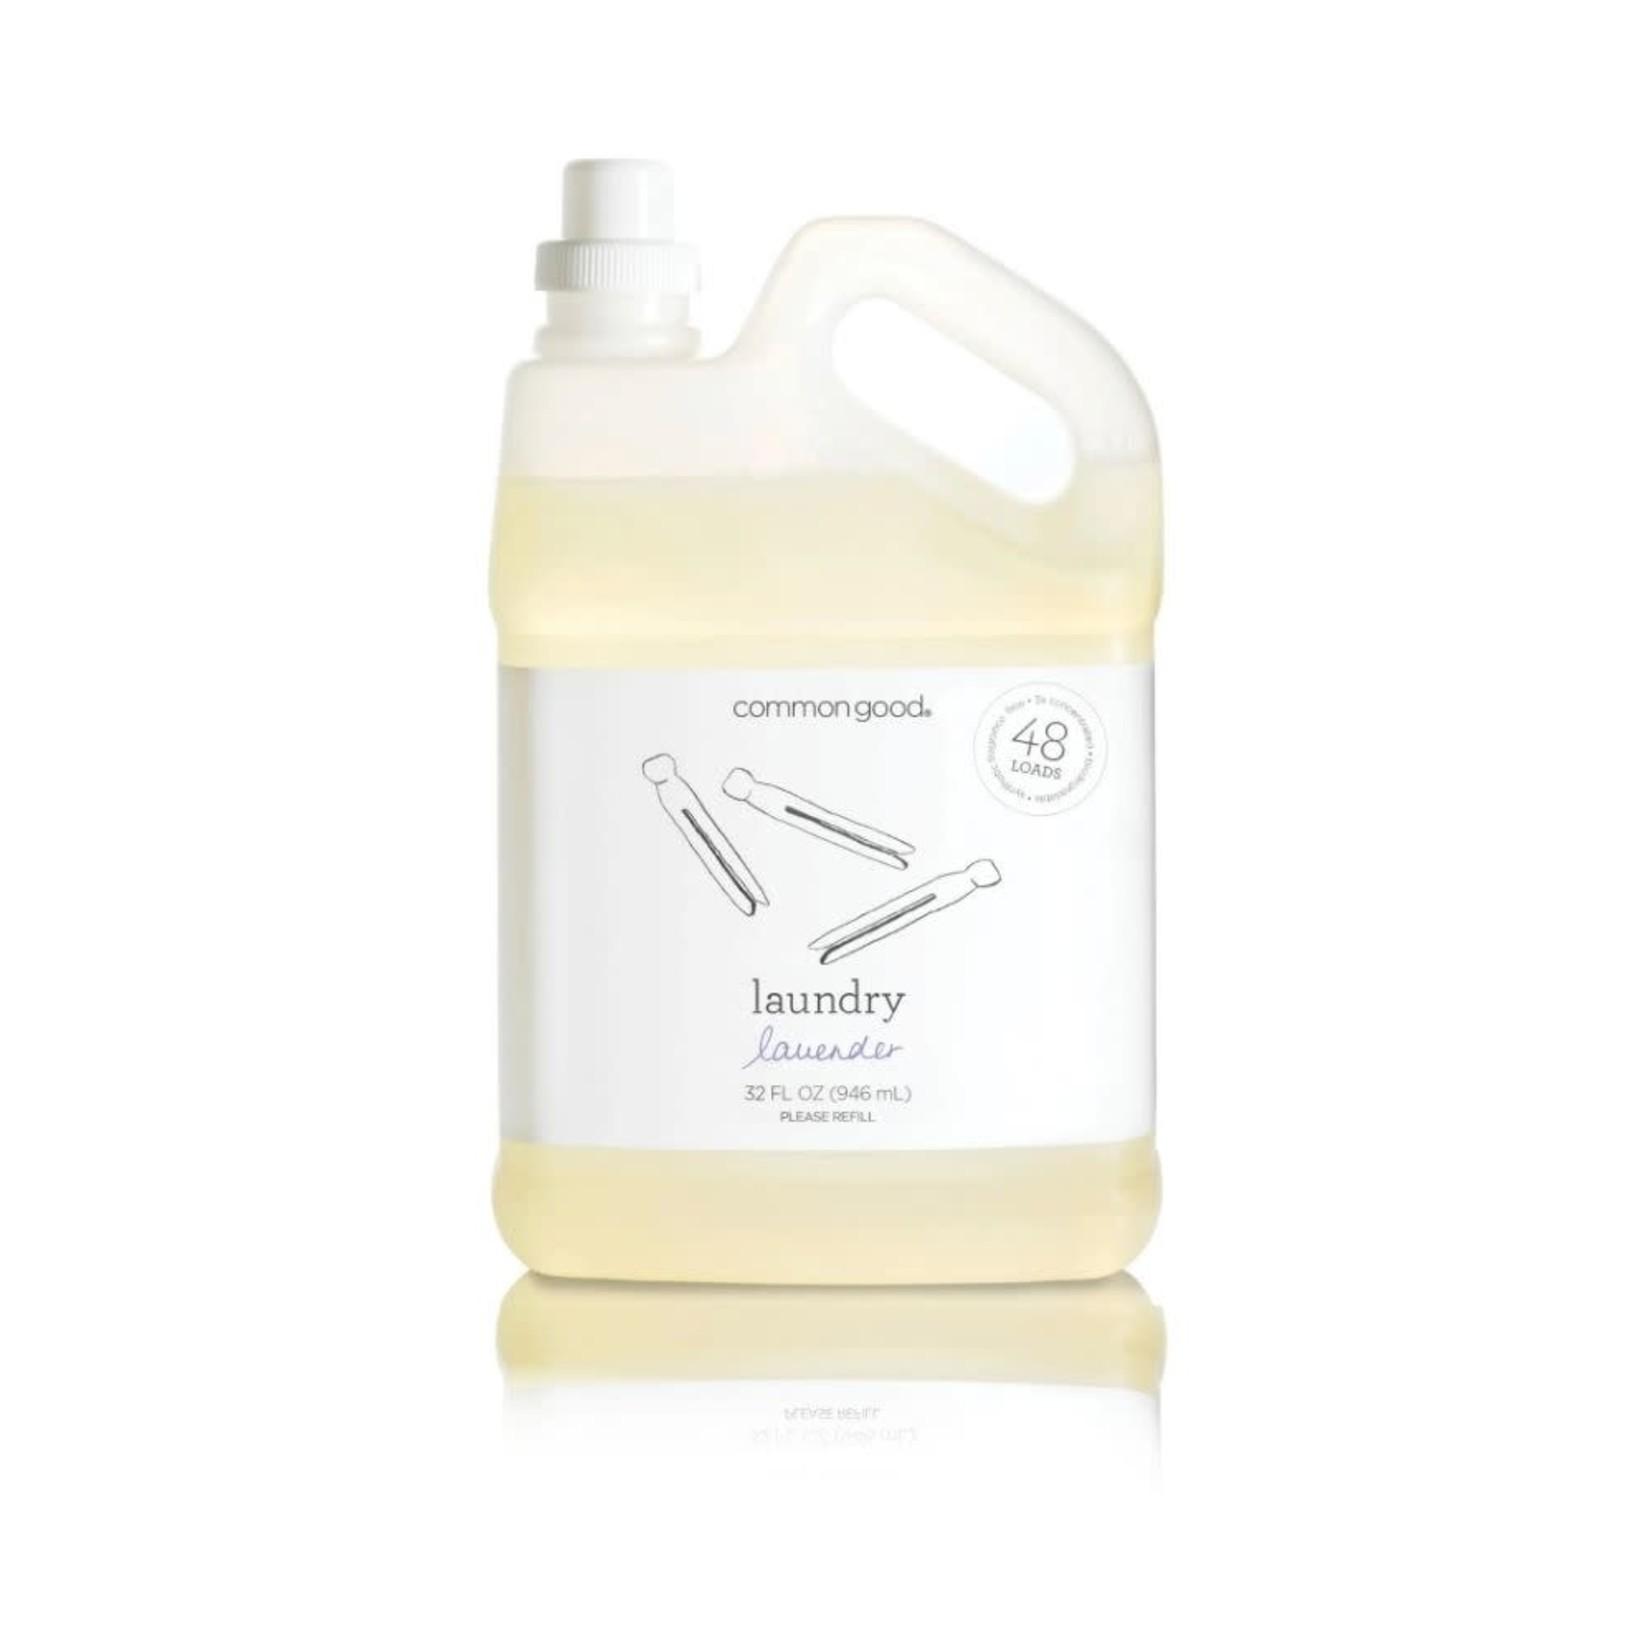 Lavender Laundry Detergent 32 oz